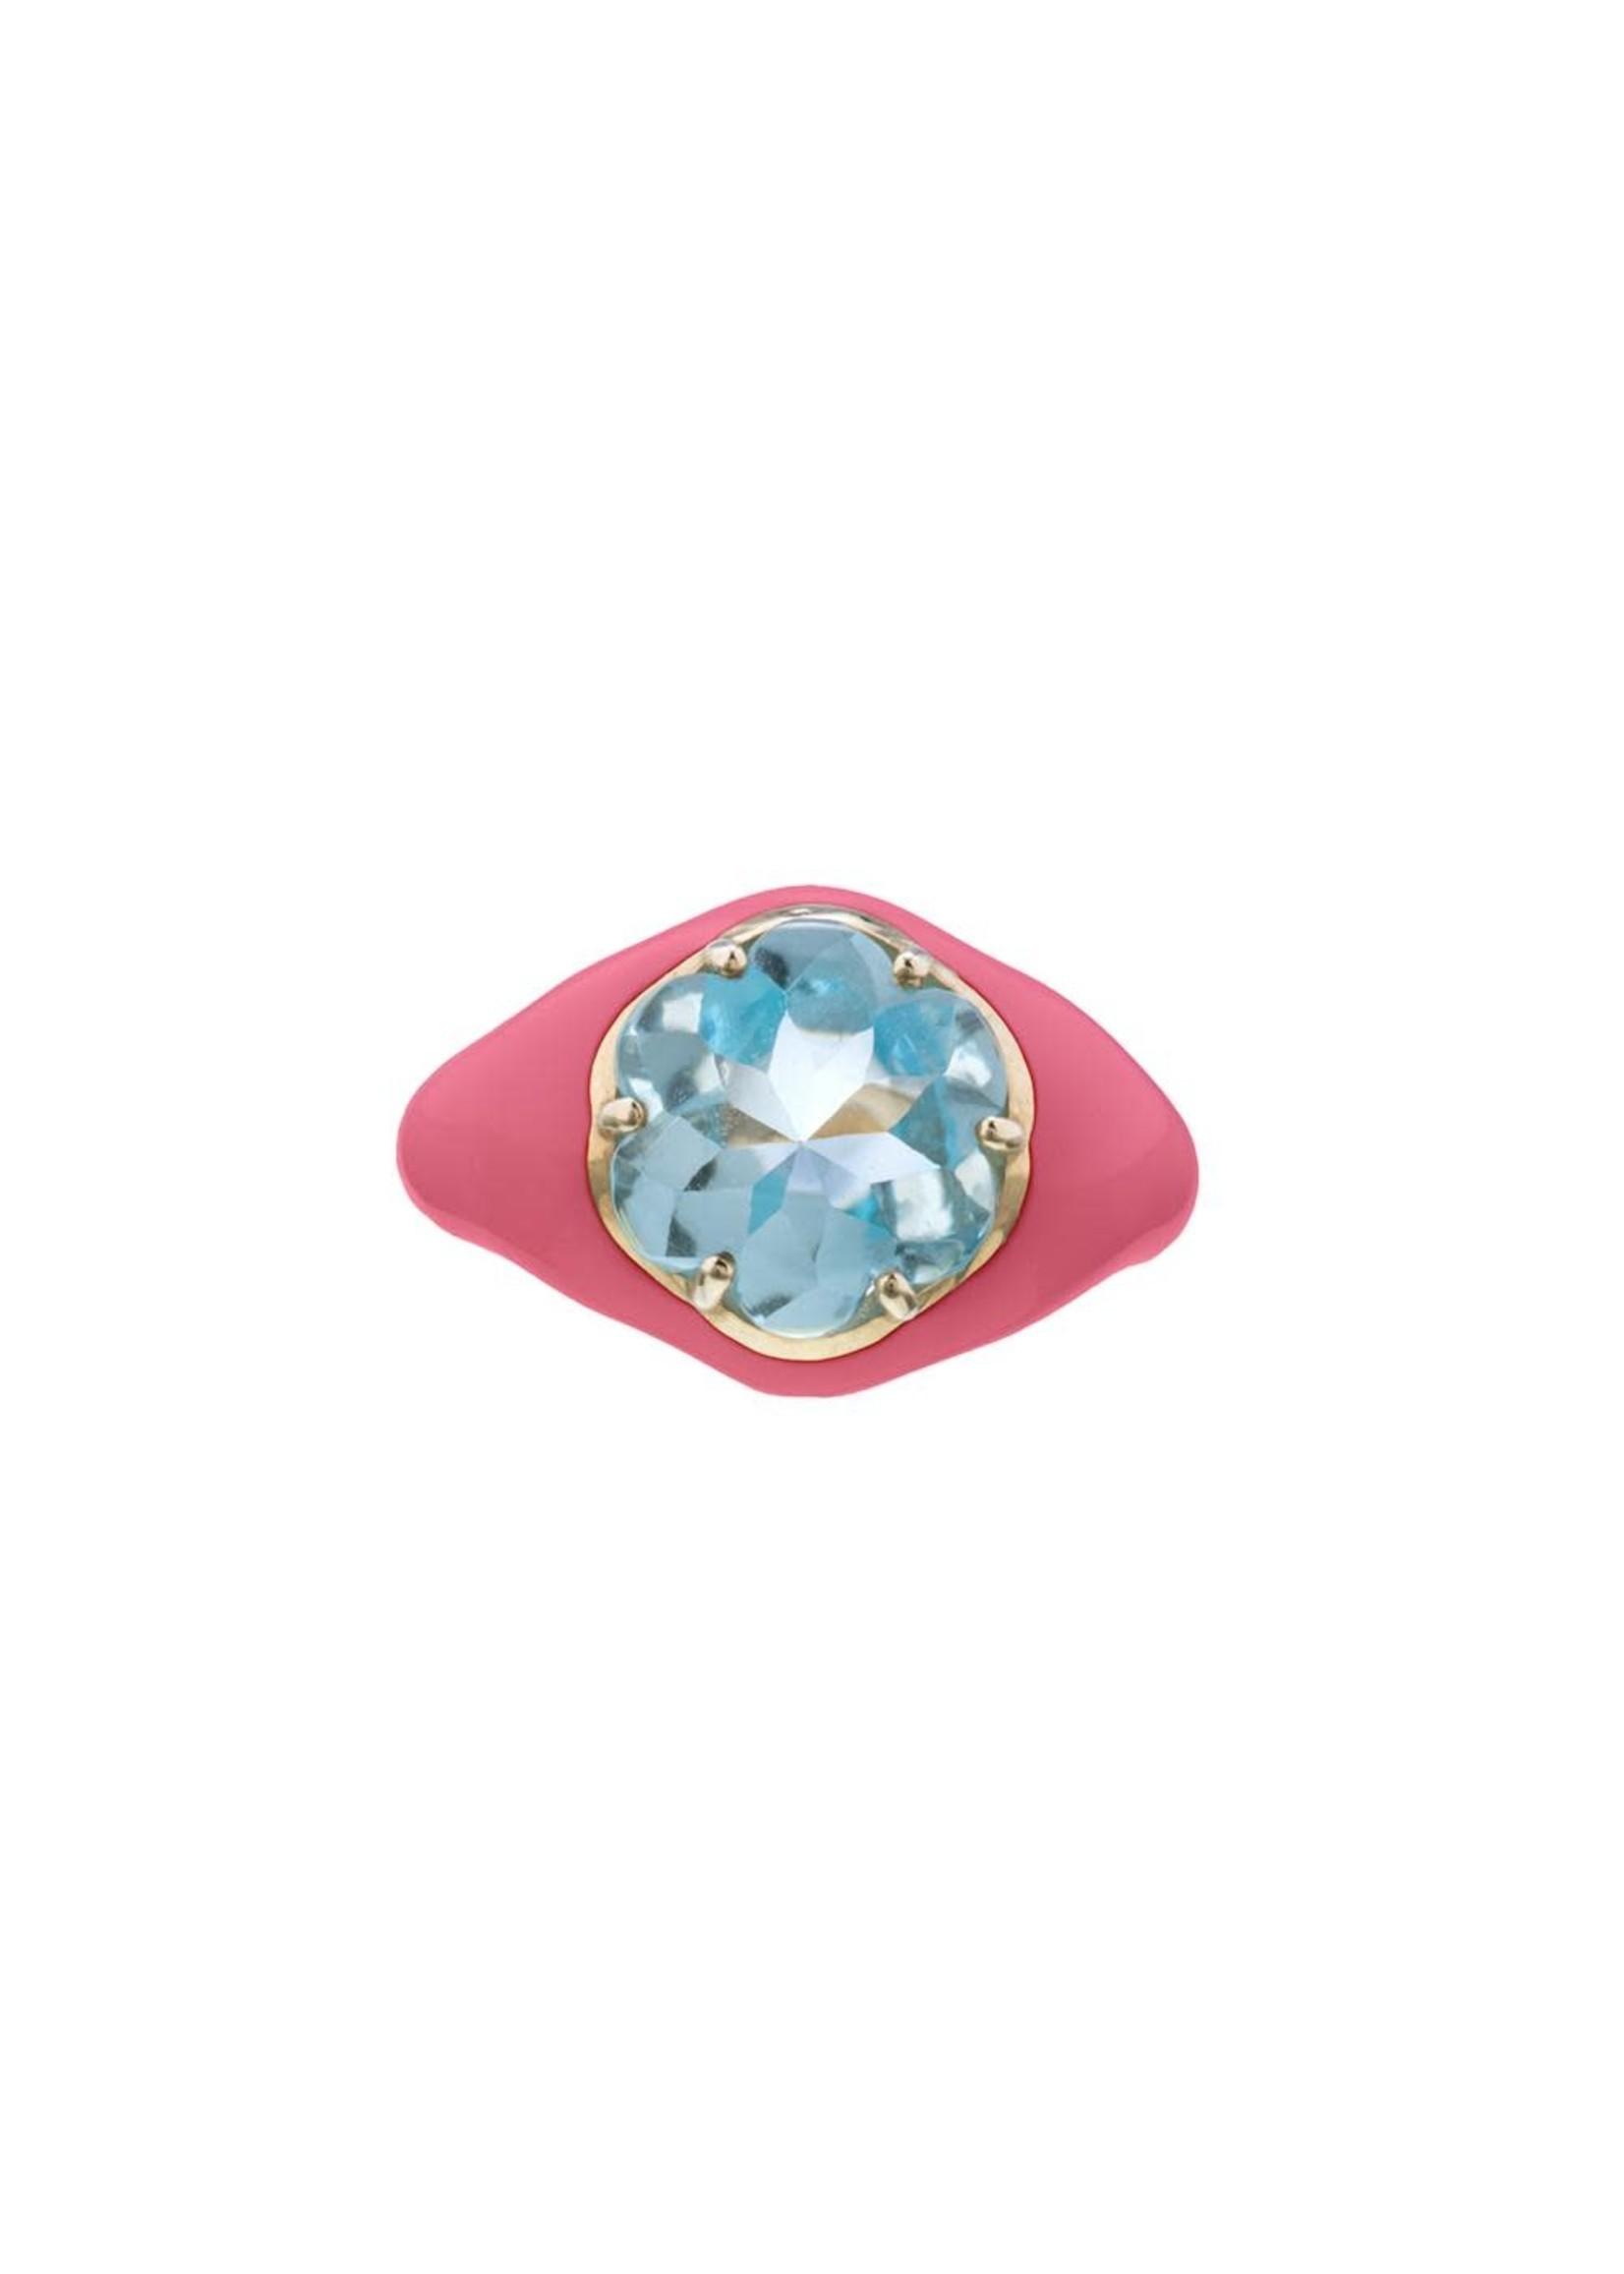 Bea Bongiasca Hot Pink Funkadelic Ring